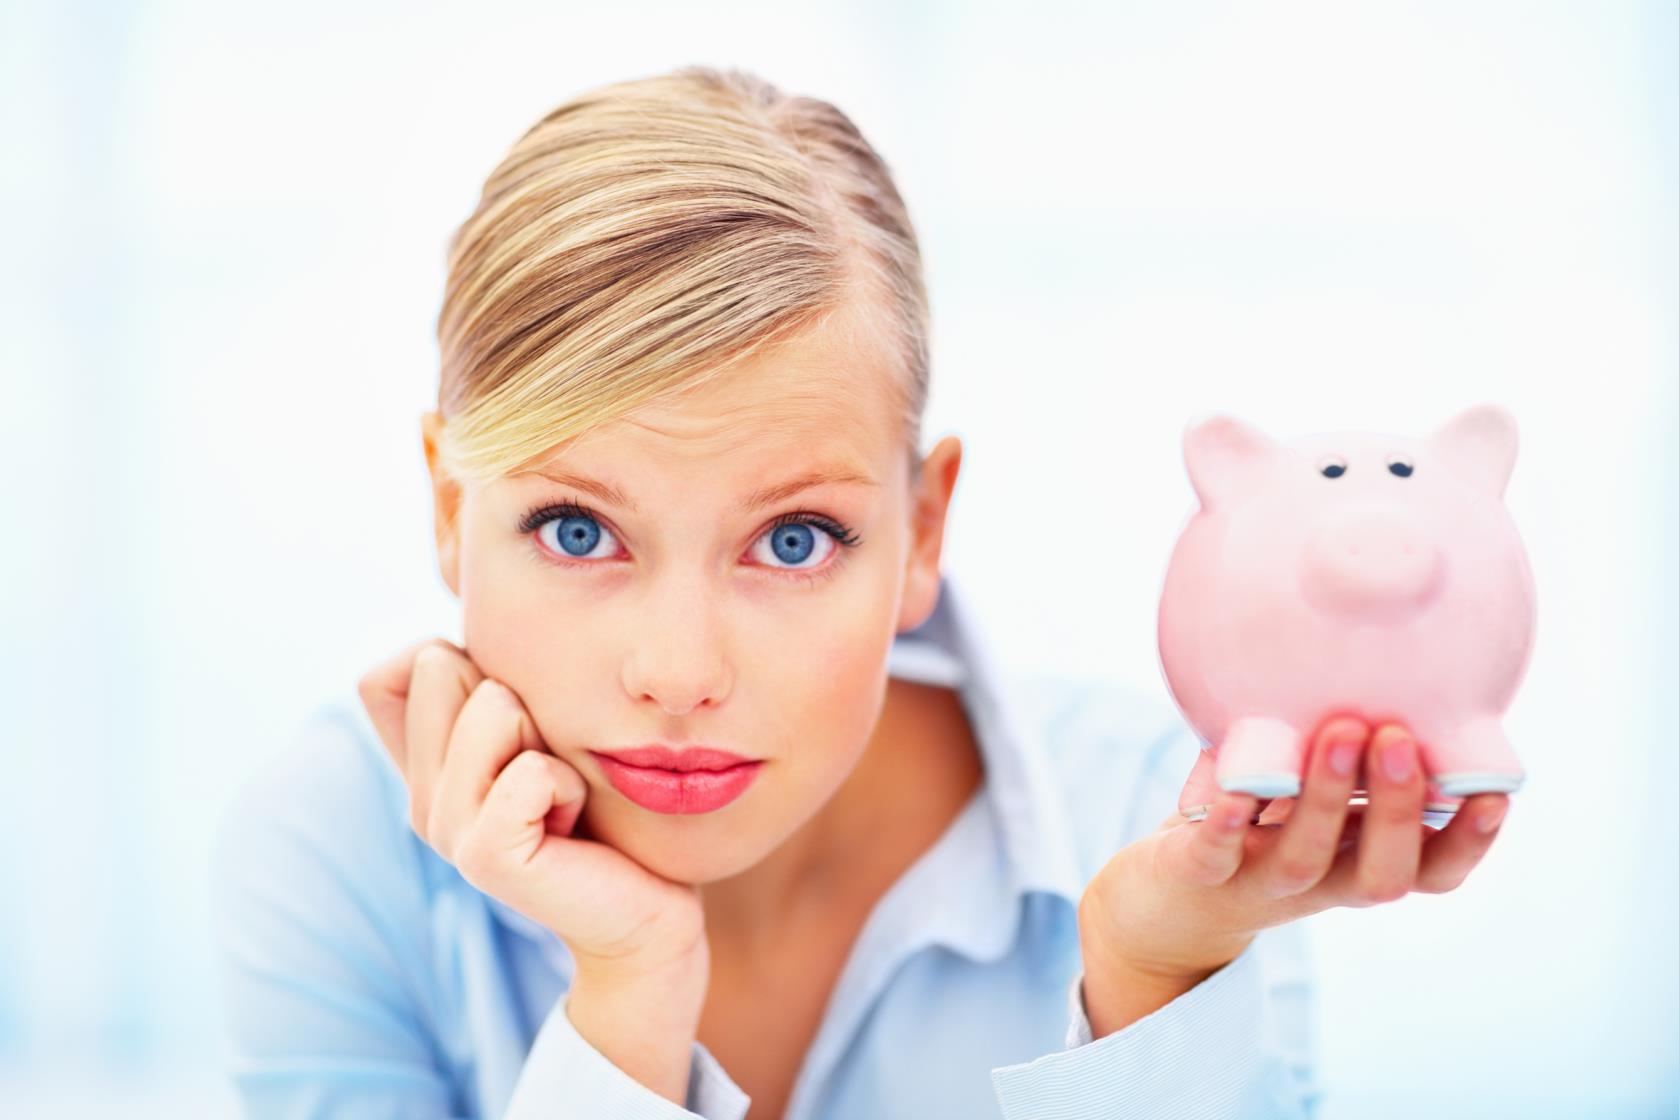 Сколько месяцев надо отработать чтобы взять кредит в сбербанке наличными